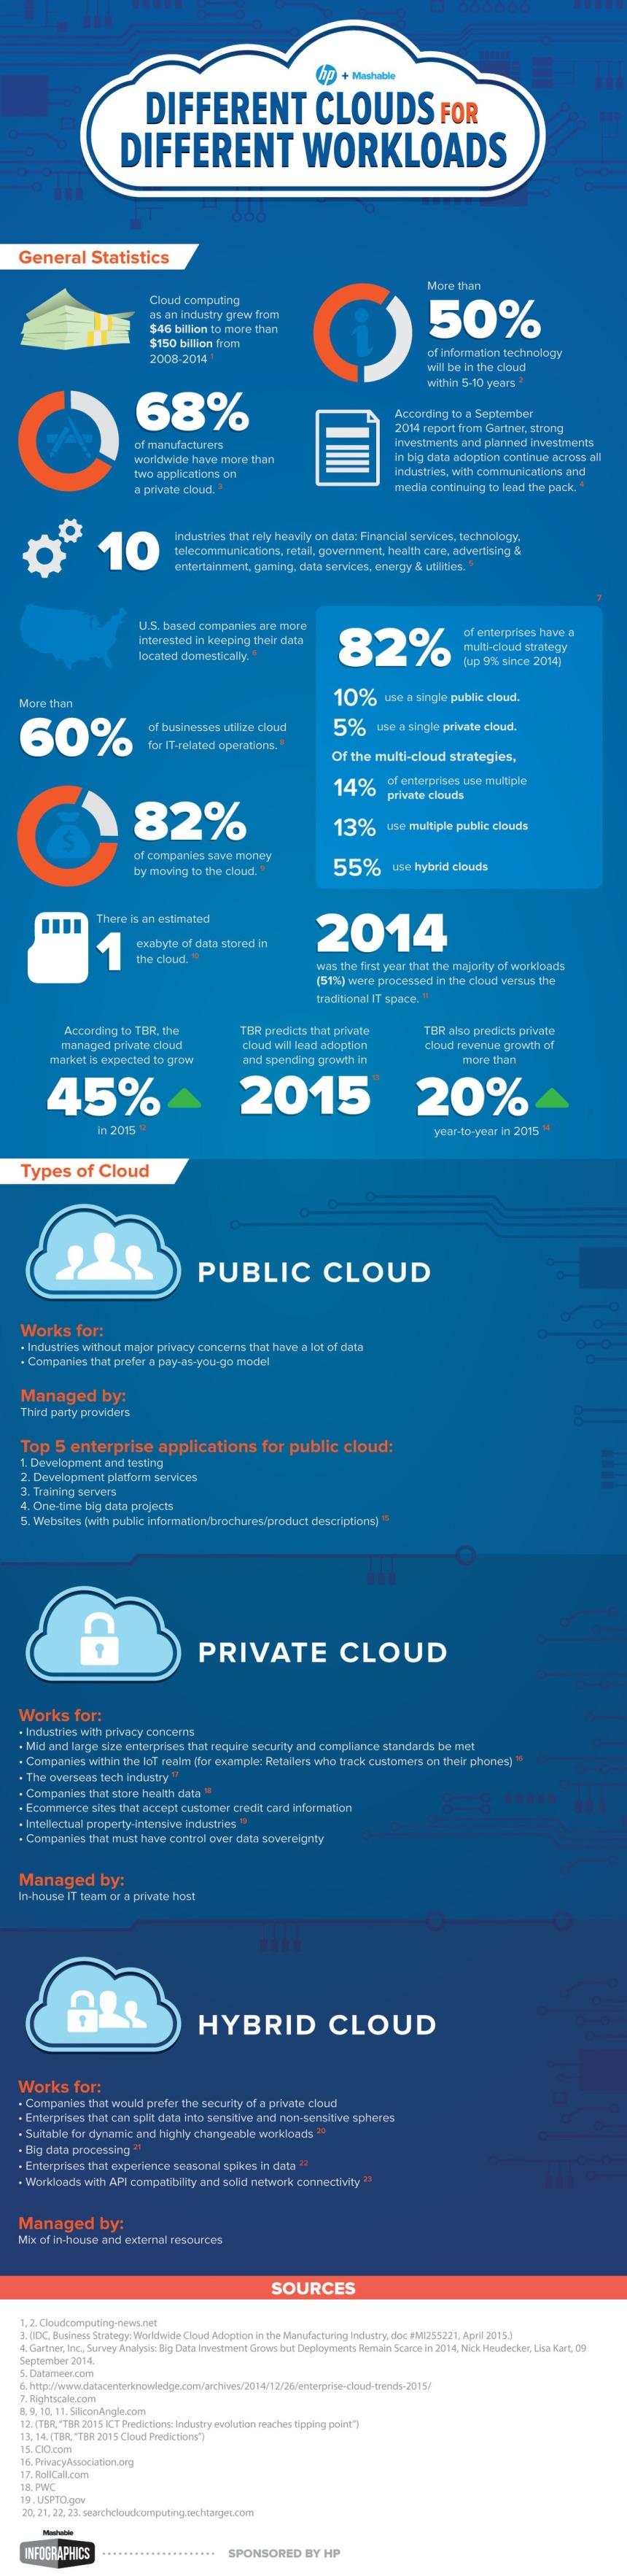 ¿Qué tipo de Nube se adecua más a mi empresa?